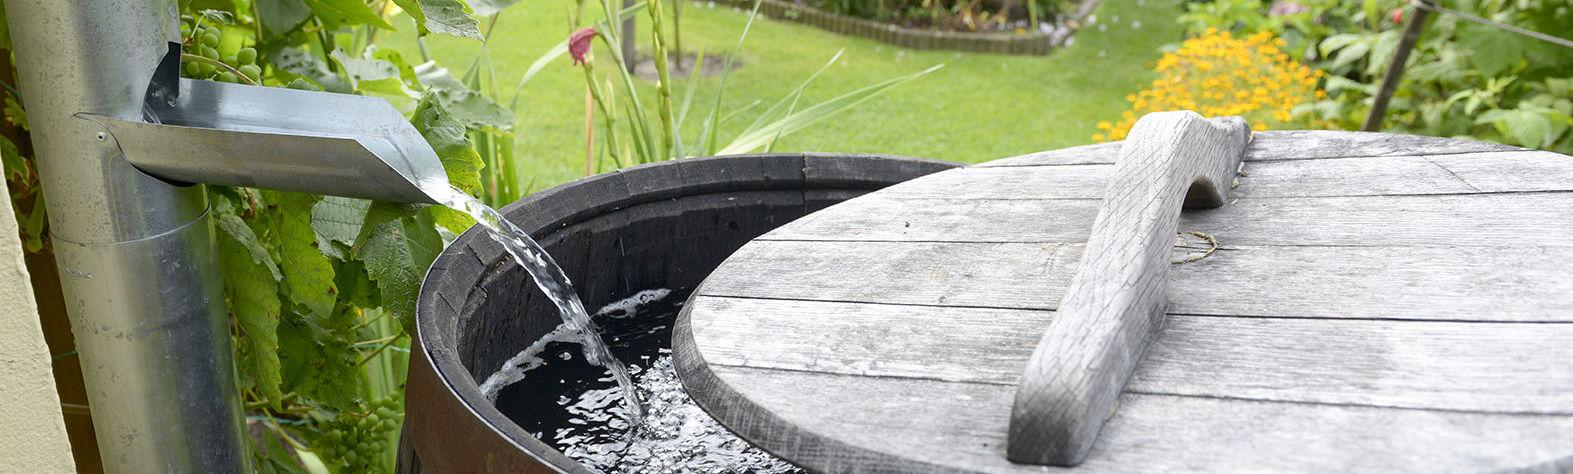 Waterklaar